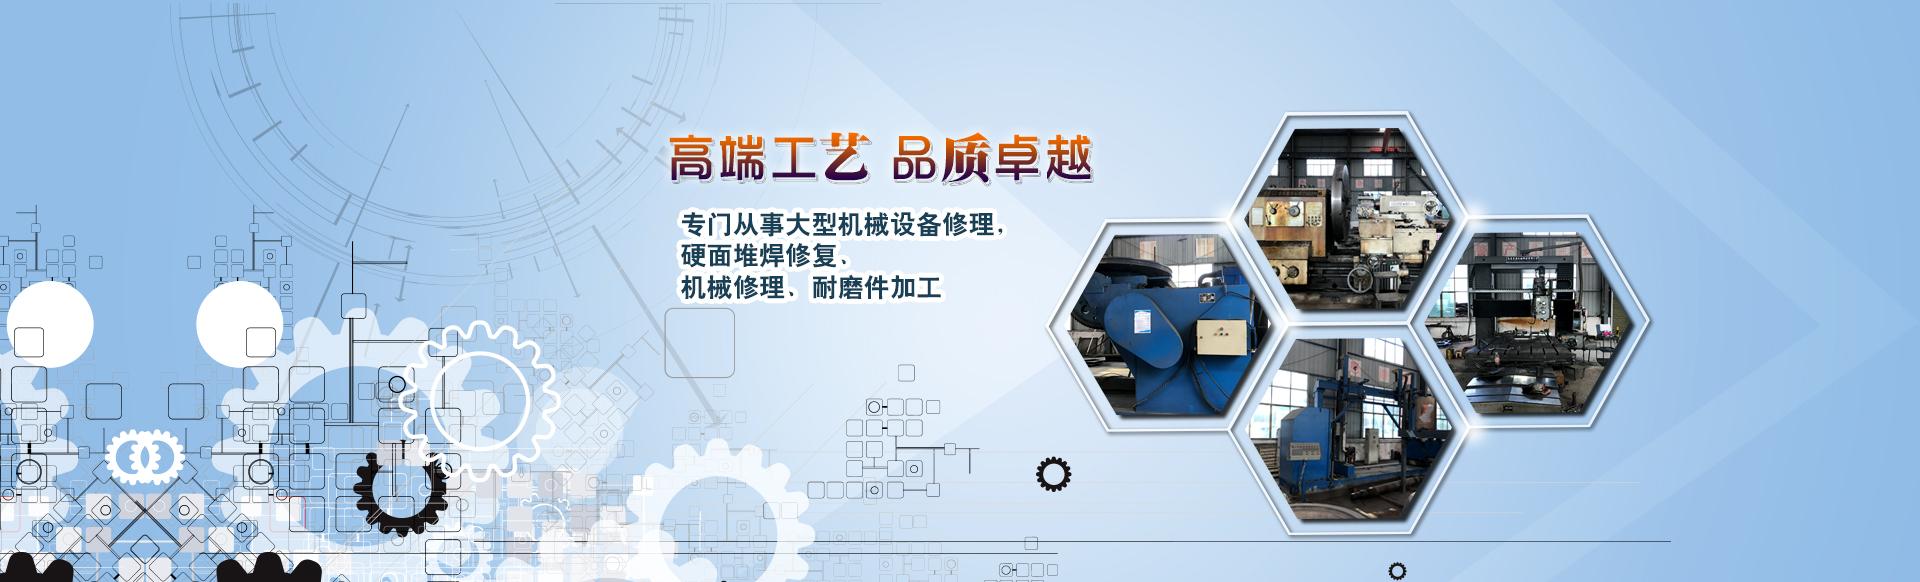 贵州矿山机械设备制造维修